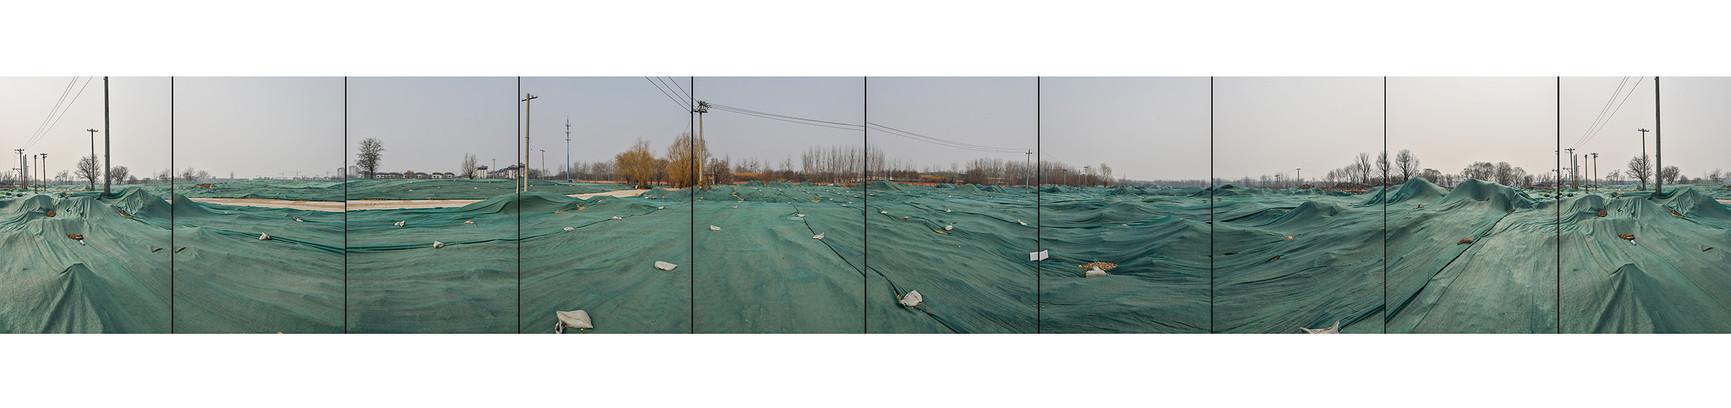 北京废墟24.jpg